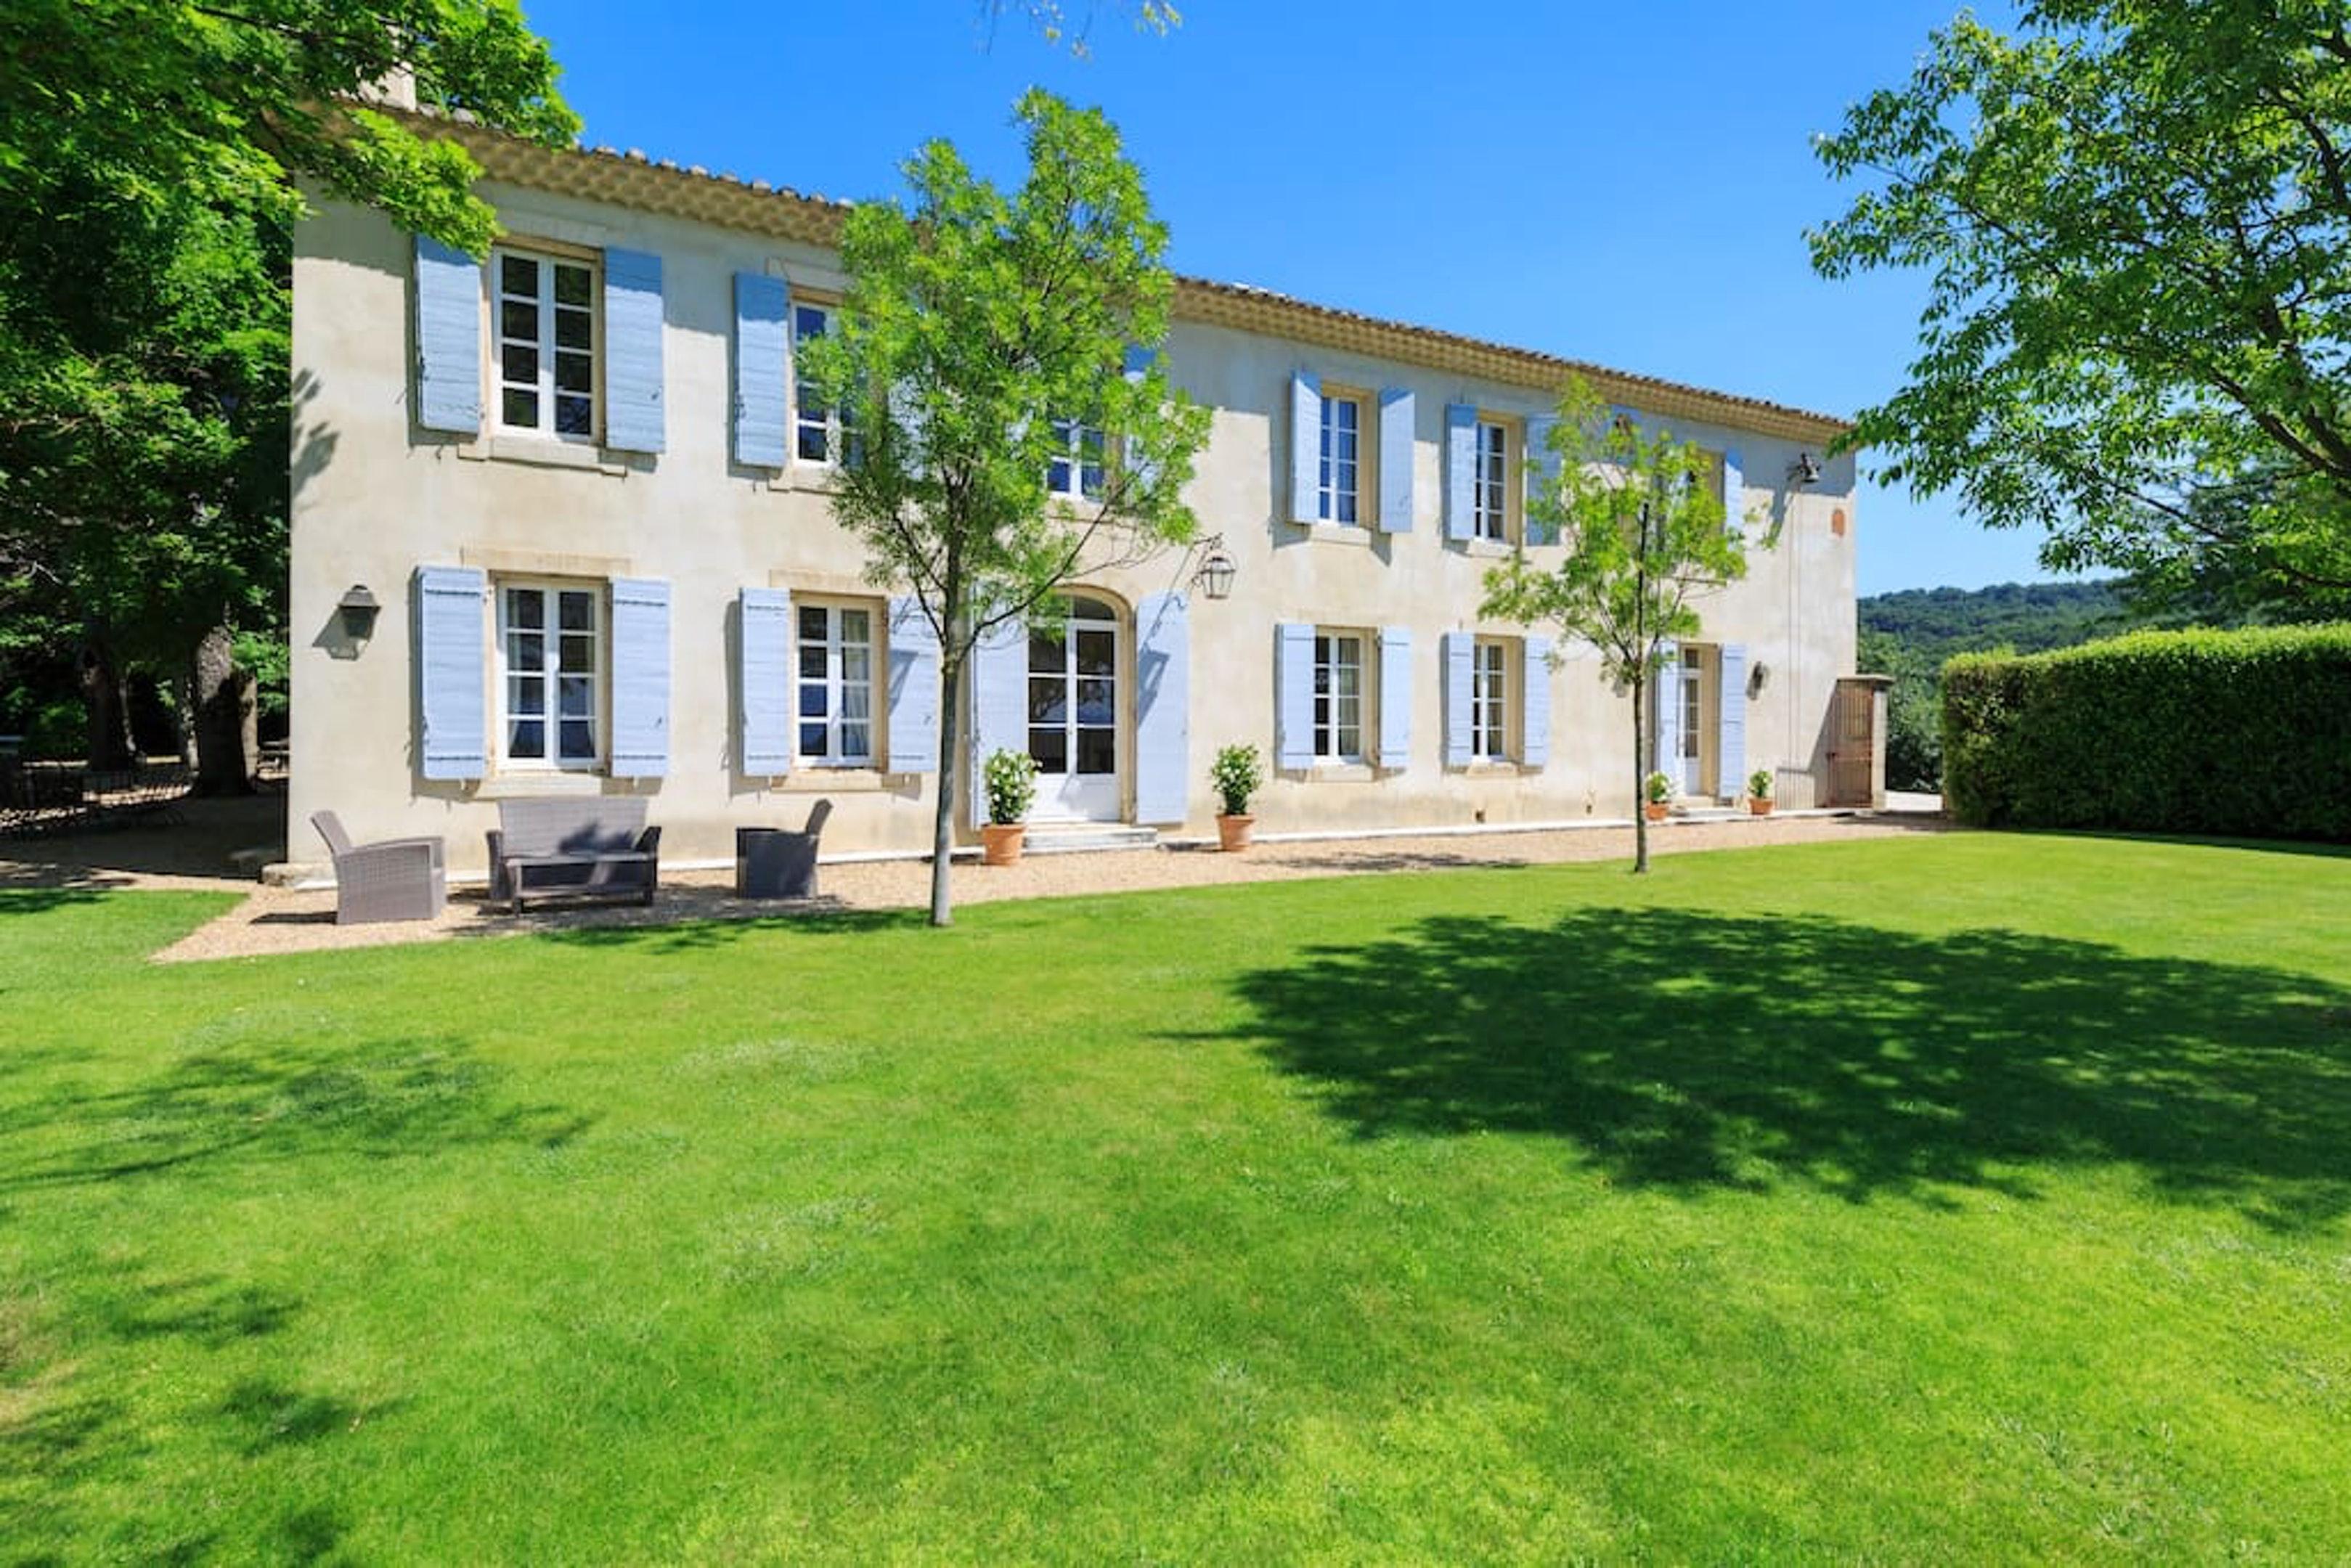 Maison de vacances Villa mit 6 Schlafzimmern in L'Isle-sur-la-Sorgue mit privatem Pool, möbliertem Garten und (2647203), L'Isle sur la Sorgue, Vaucluse, Provence - Alpes - Côte d'Azur, France, image 6